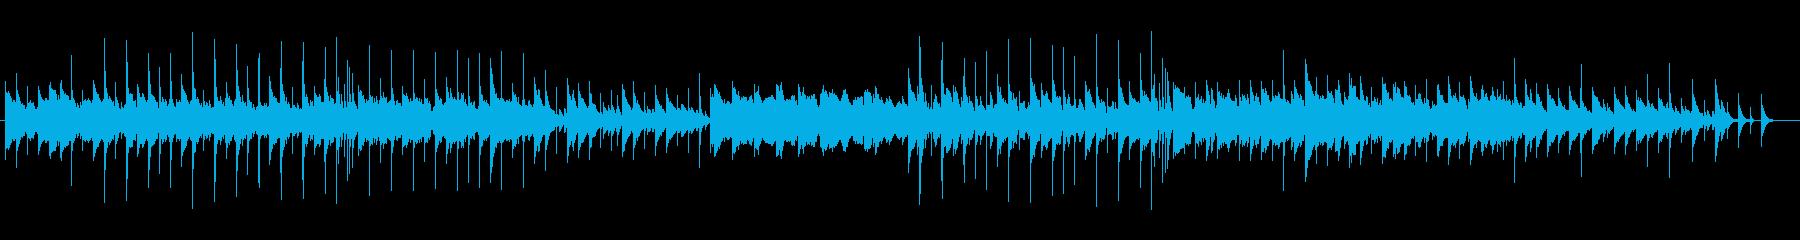 可愛らしい鉄琴によるテクノの再生済みの波形